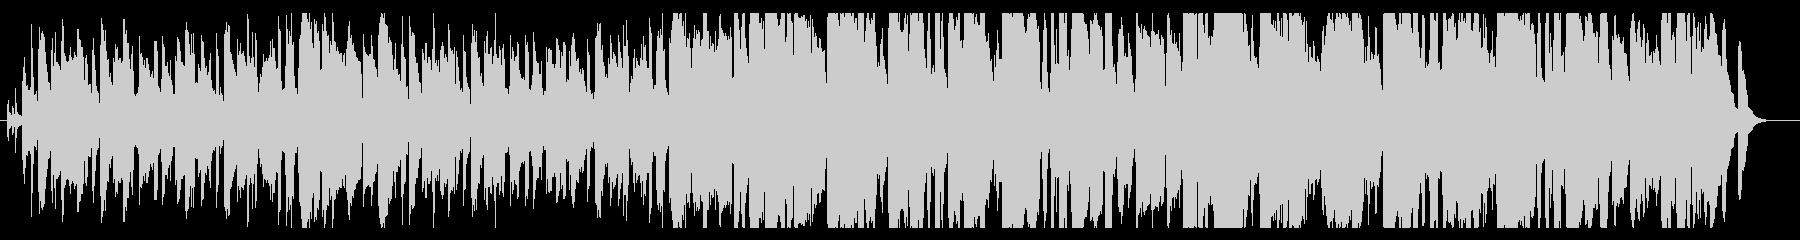 ショートムービー向けの明るいBGMの未再生の波形